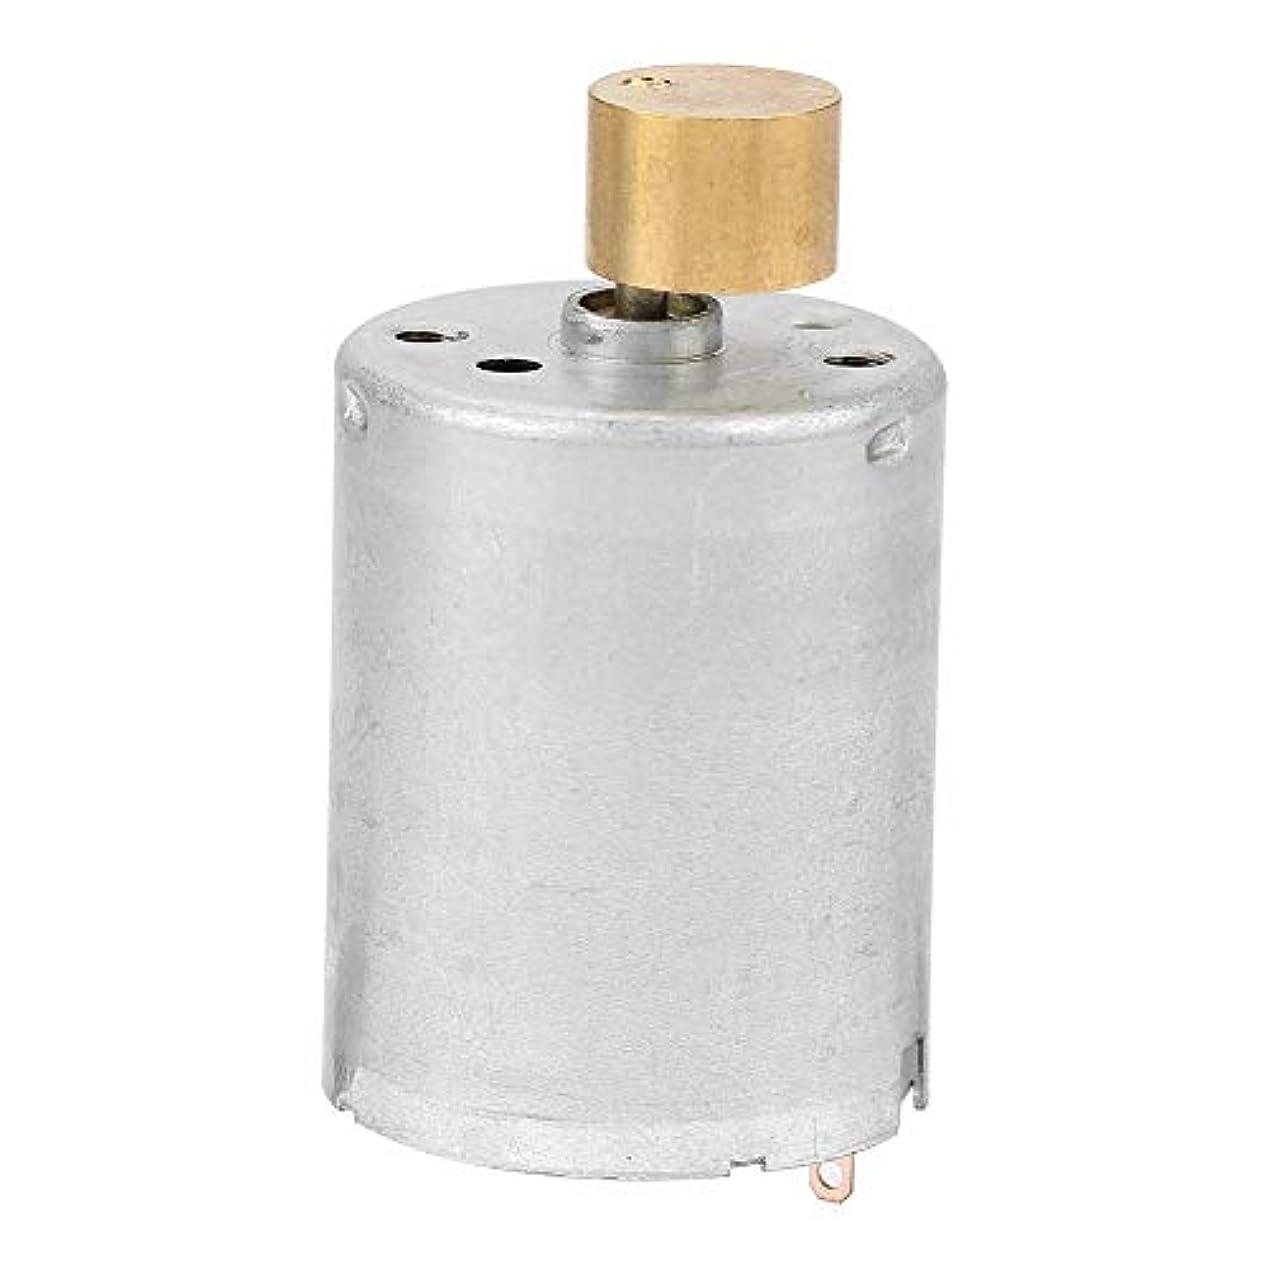 モジュール保証金削除する振動モーター、RF370 DCマッサージ装置用ミニ強力振動振動モーター12V